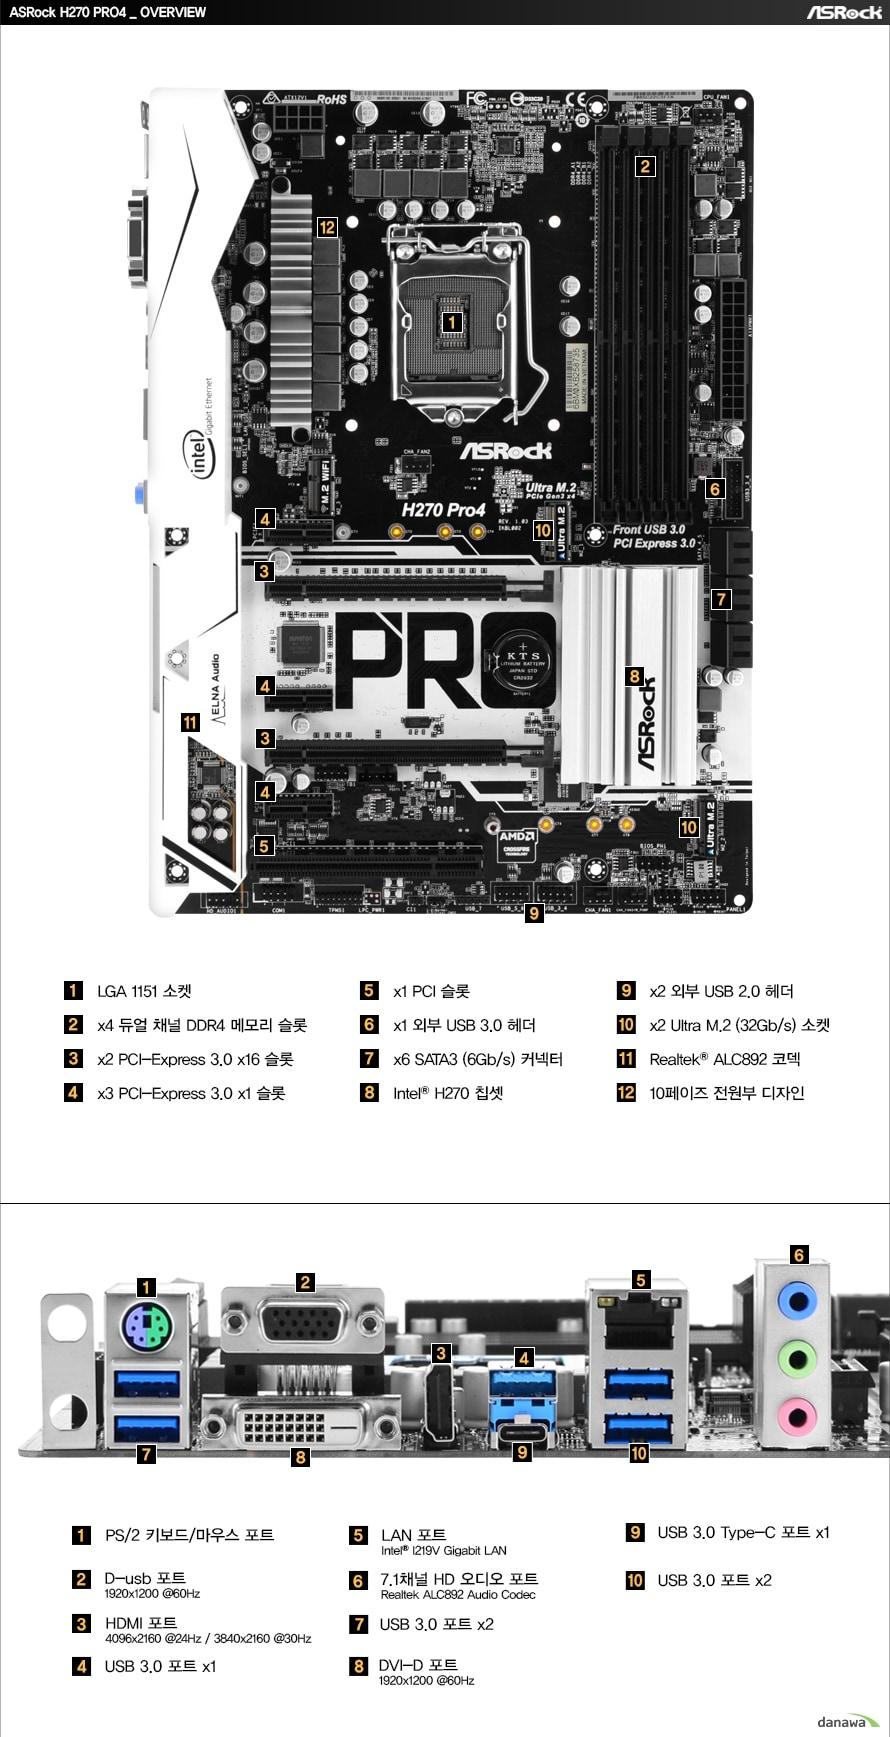 ASRock H270 PRO4 OVERVIEW전면1. LGA 1151 소켓 / 2. x4 듀얼 채널 DDR4 메모리 슬롯 / 3. x2 PCI-Express 3.0 x16 슬롯 / 4. x3 PCI-Express 3.0 x1 슬롯 / 5. x1 PCI 슬롯 / 6. x1 외부 USB 3.0 헤더 / 7. x6 SATA3 (6Gb/s) 커넥터 / 8. Intel H270 칩셋 / 9. x1 외부 USB 2.0 헤더 / 10. x2 Ultra M.2 (32Gb/s) 소켓 / 11. Realtek ALC892 코덱 / 12. 10페이즈 전원부 디자인후면1. PS/2 키보드/마우스 포트 / 2. D-sub 포트 1920x1200 @60Hz / 3. HDMI 포트 4096x2160 @24Hz, 3840x2160 @30Hz / 4. USB 3.0 포트 x1  / 5. LAN 포트 Intel I219V Gigabit LAN  / 6. 7.1채널 HD 오디오 포트 Realtek ALC892 Audio Codec / 7. USB 3.0 포트 x2 / 8. DVI-D 포트 1920x1200 @60Hz / 9. USB 3.0 Type-C 포트 x1 / 10. USB 3.0 포트 x2